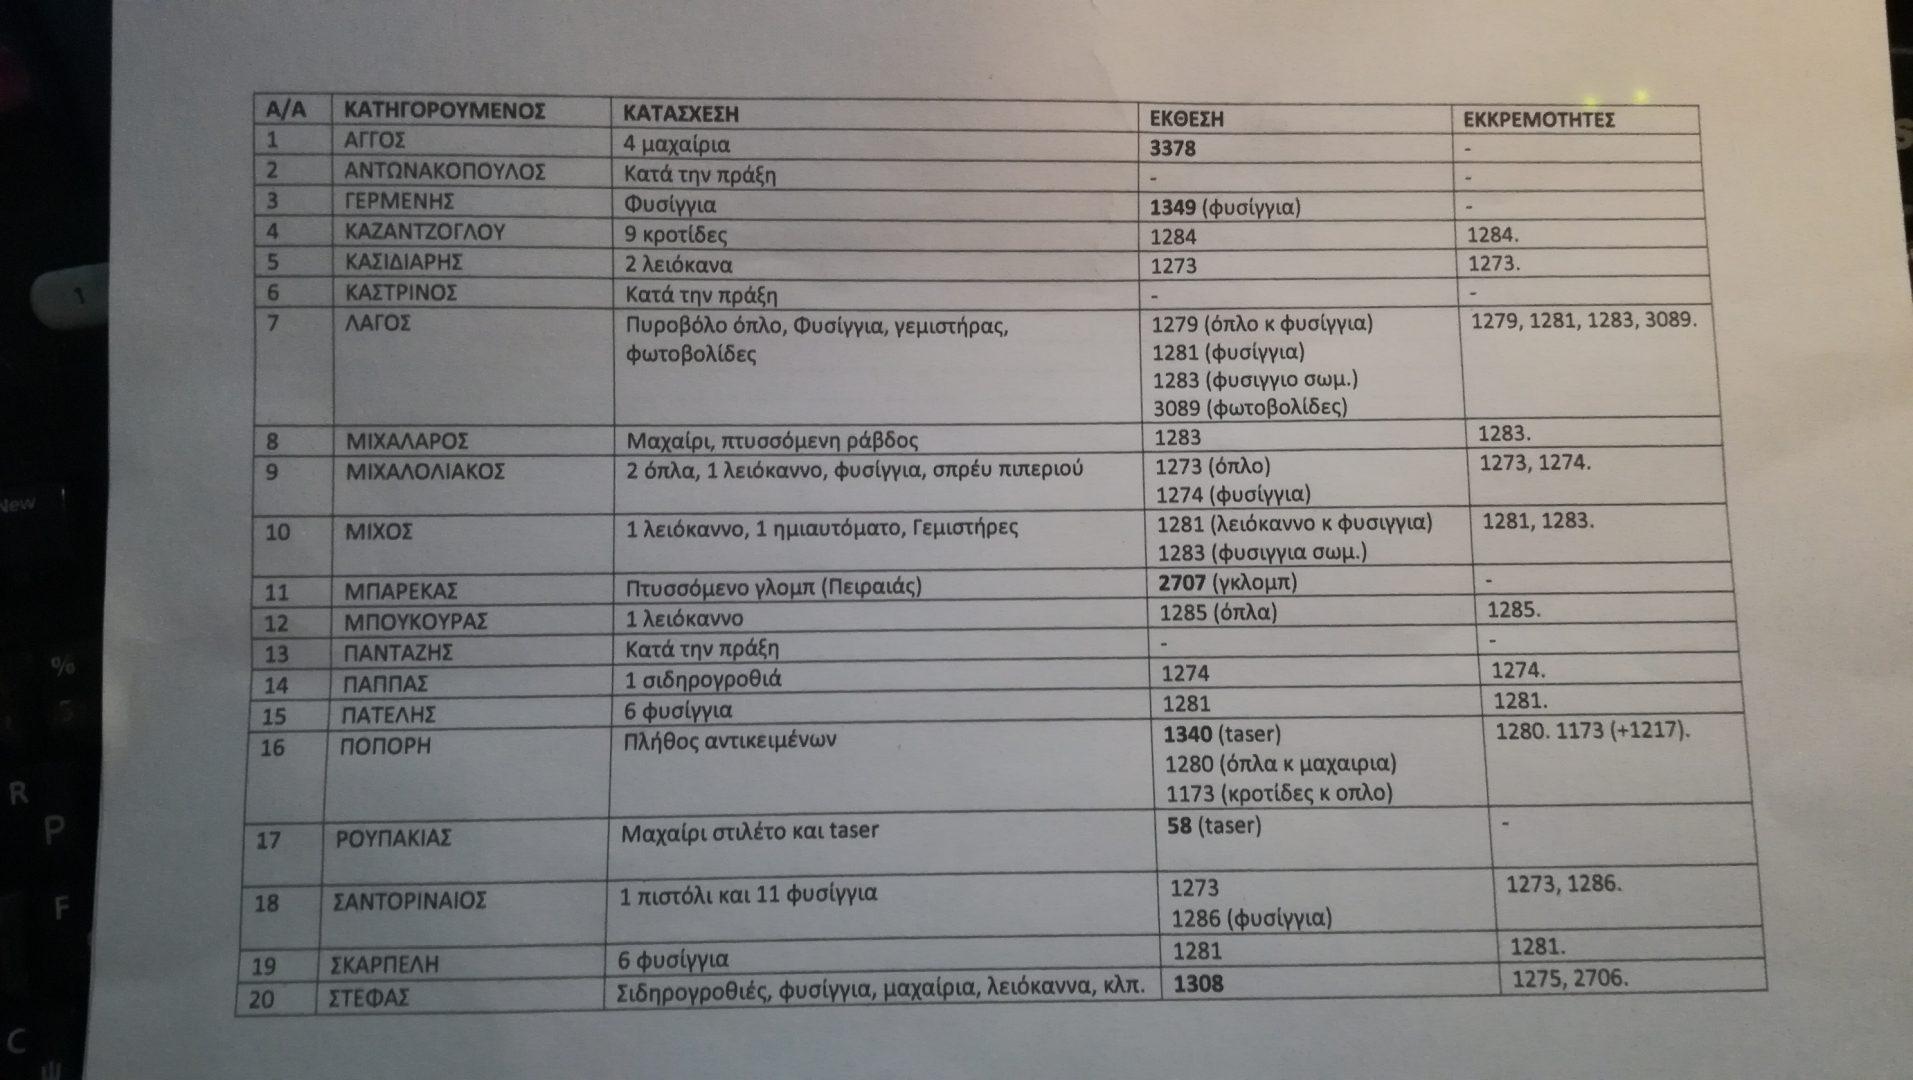 Ραδιομετρική χρονολόγηση στη βιολογία